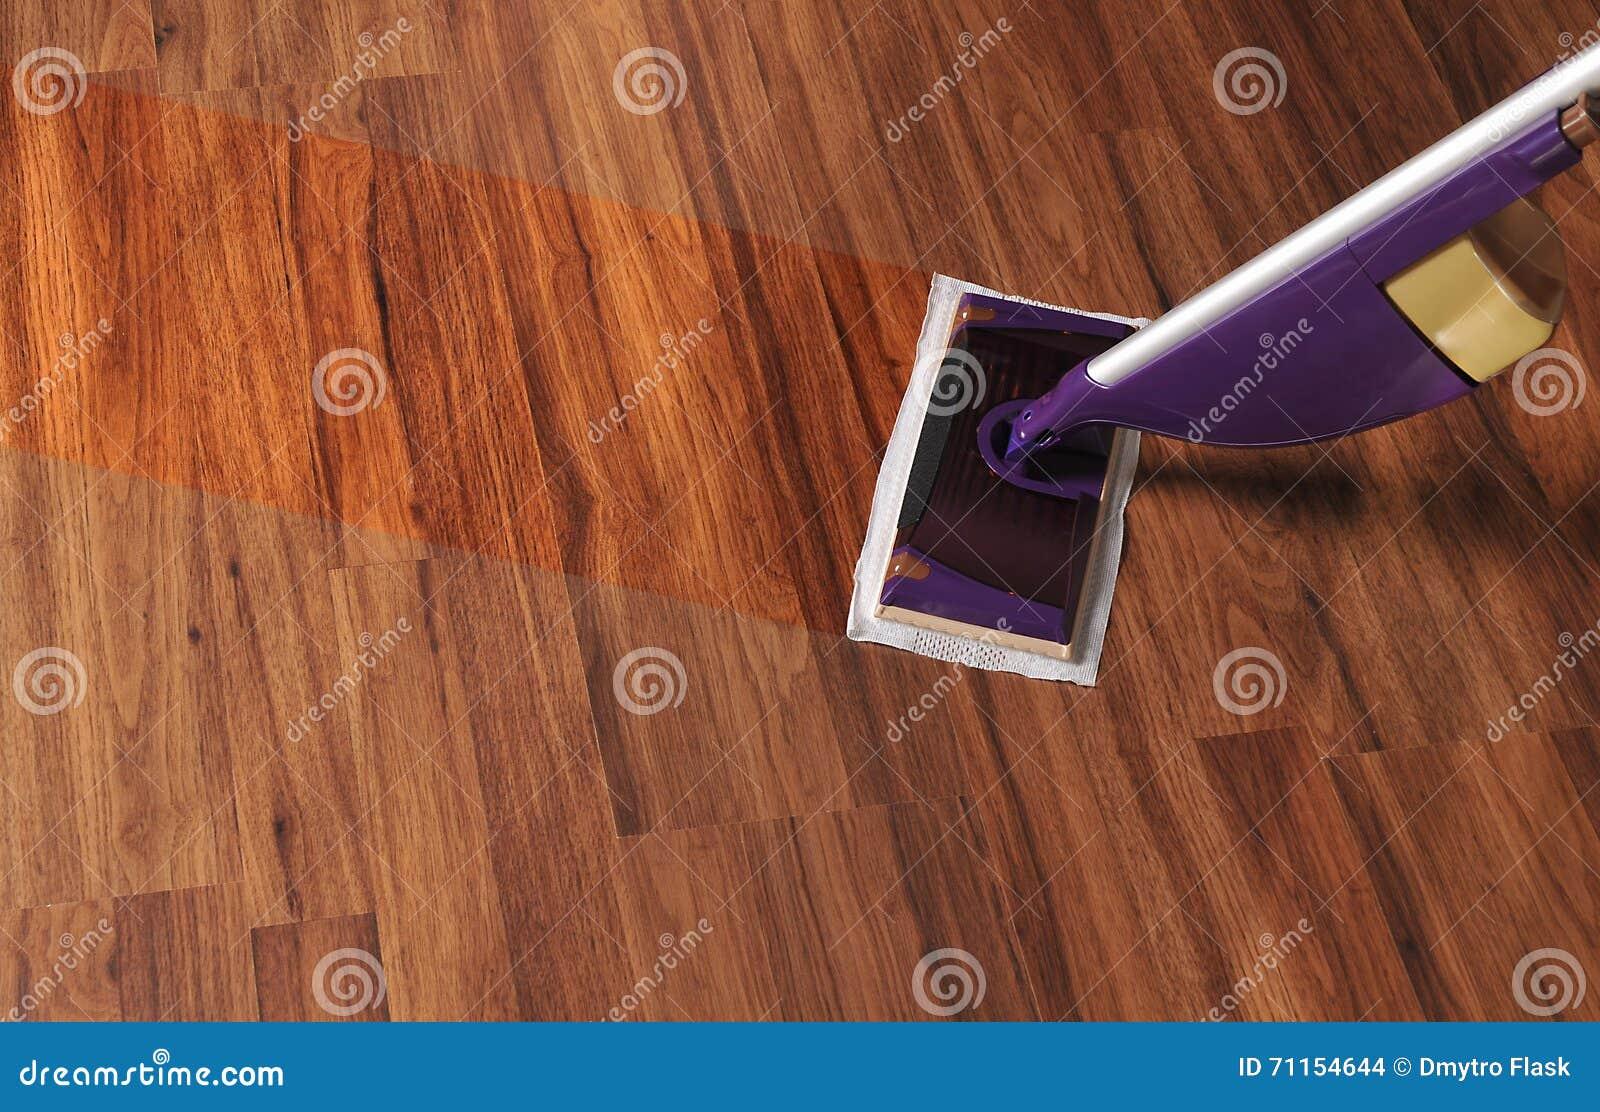 清洗的木地板现代拖把从尘土